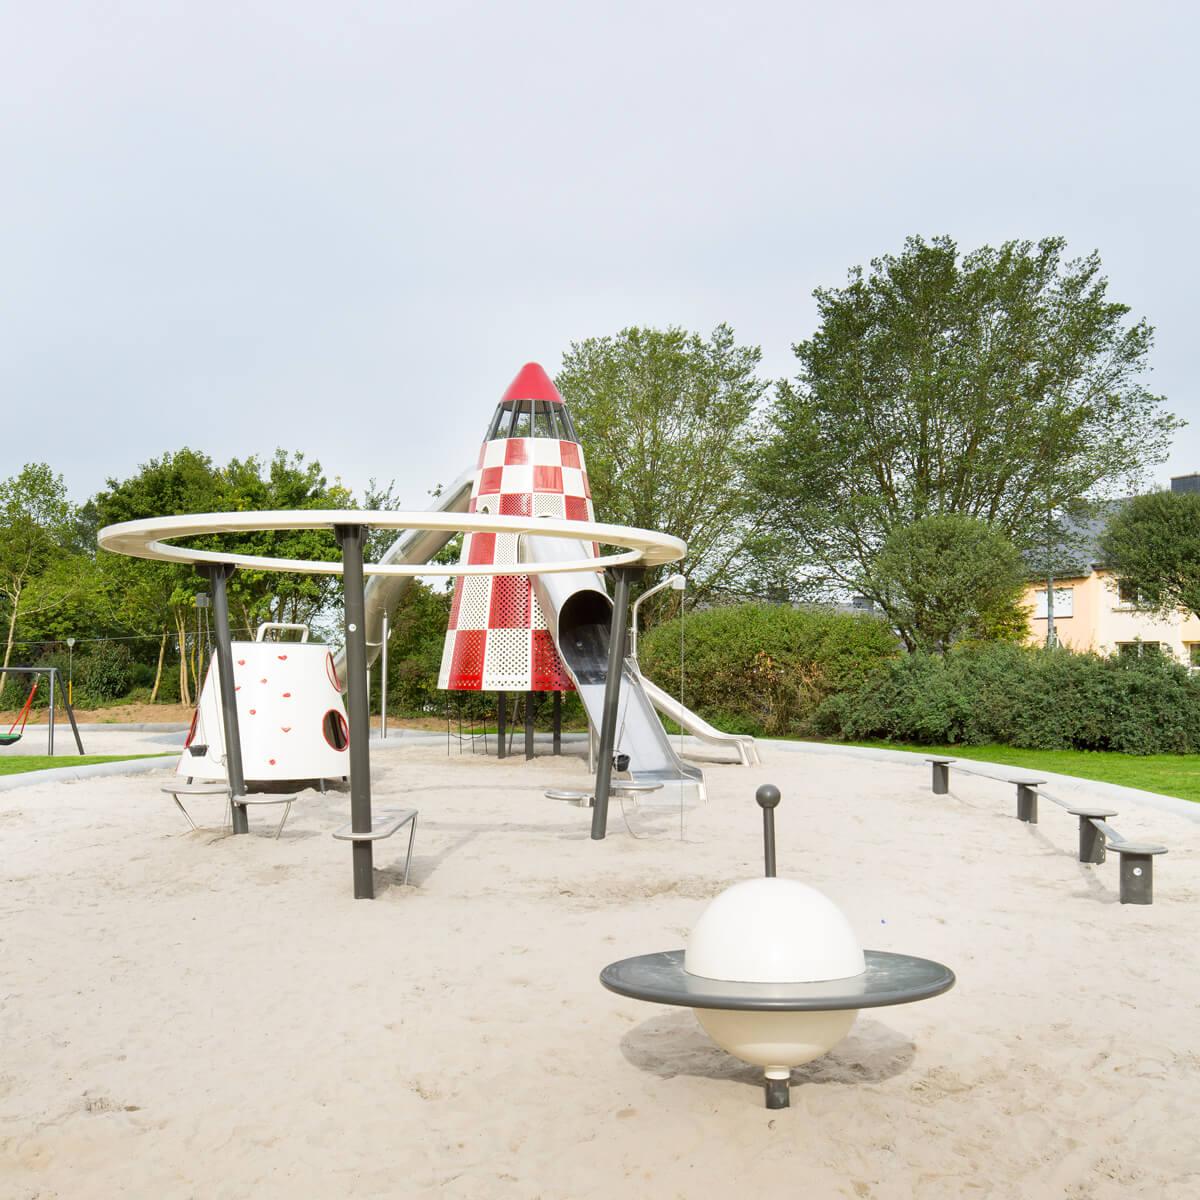 Parc-Kaltreis Weltraumspielplatz